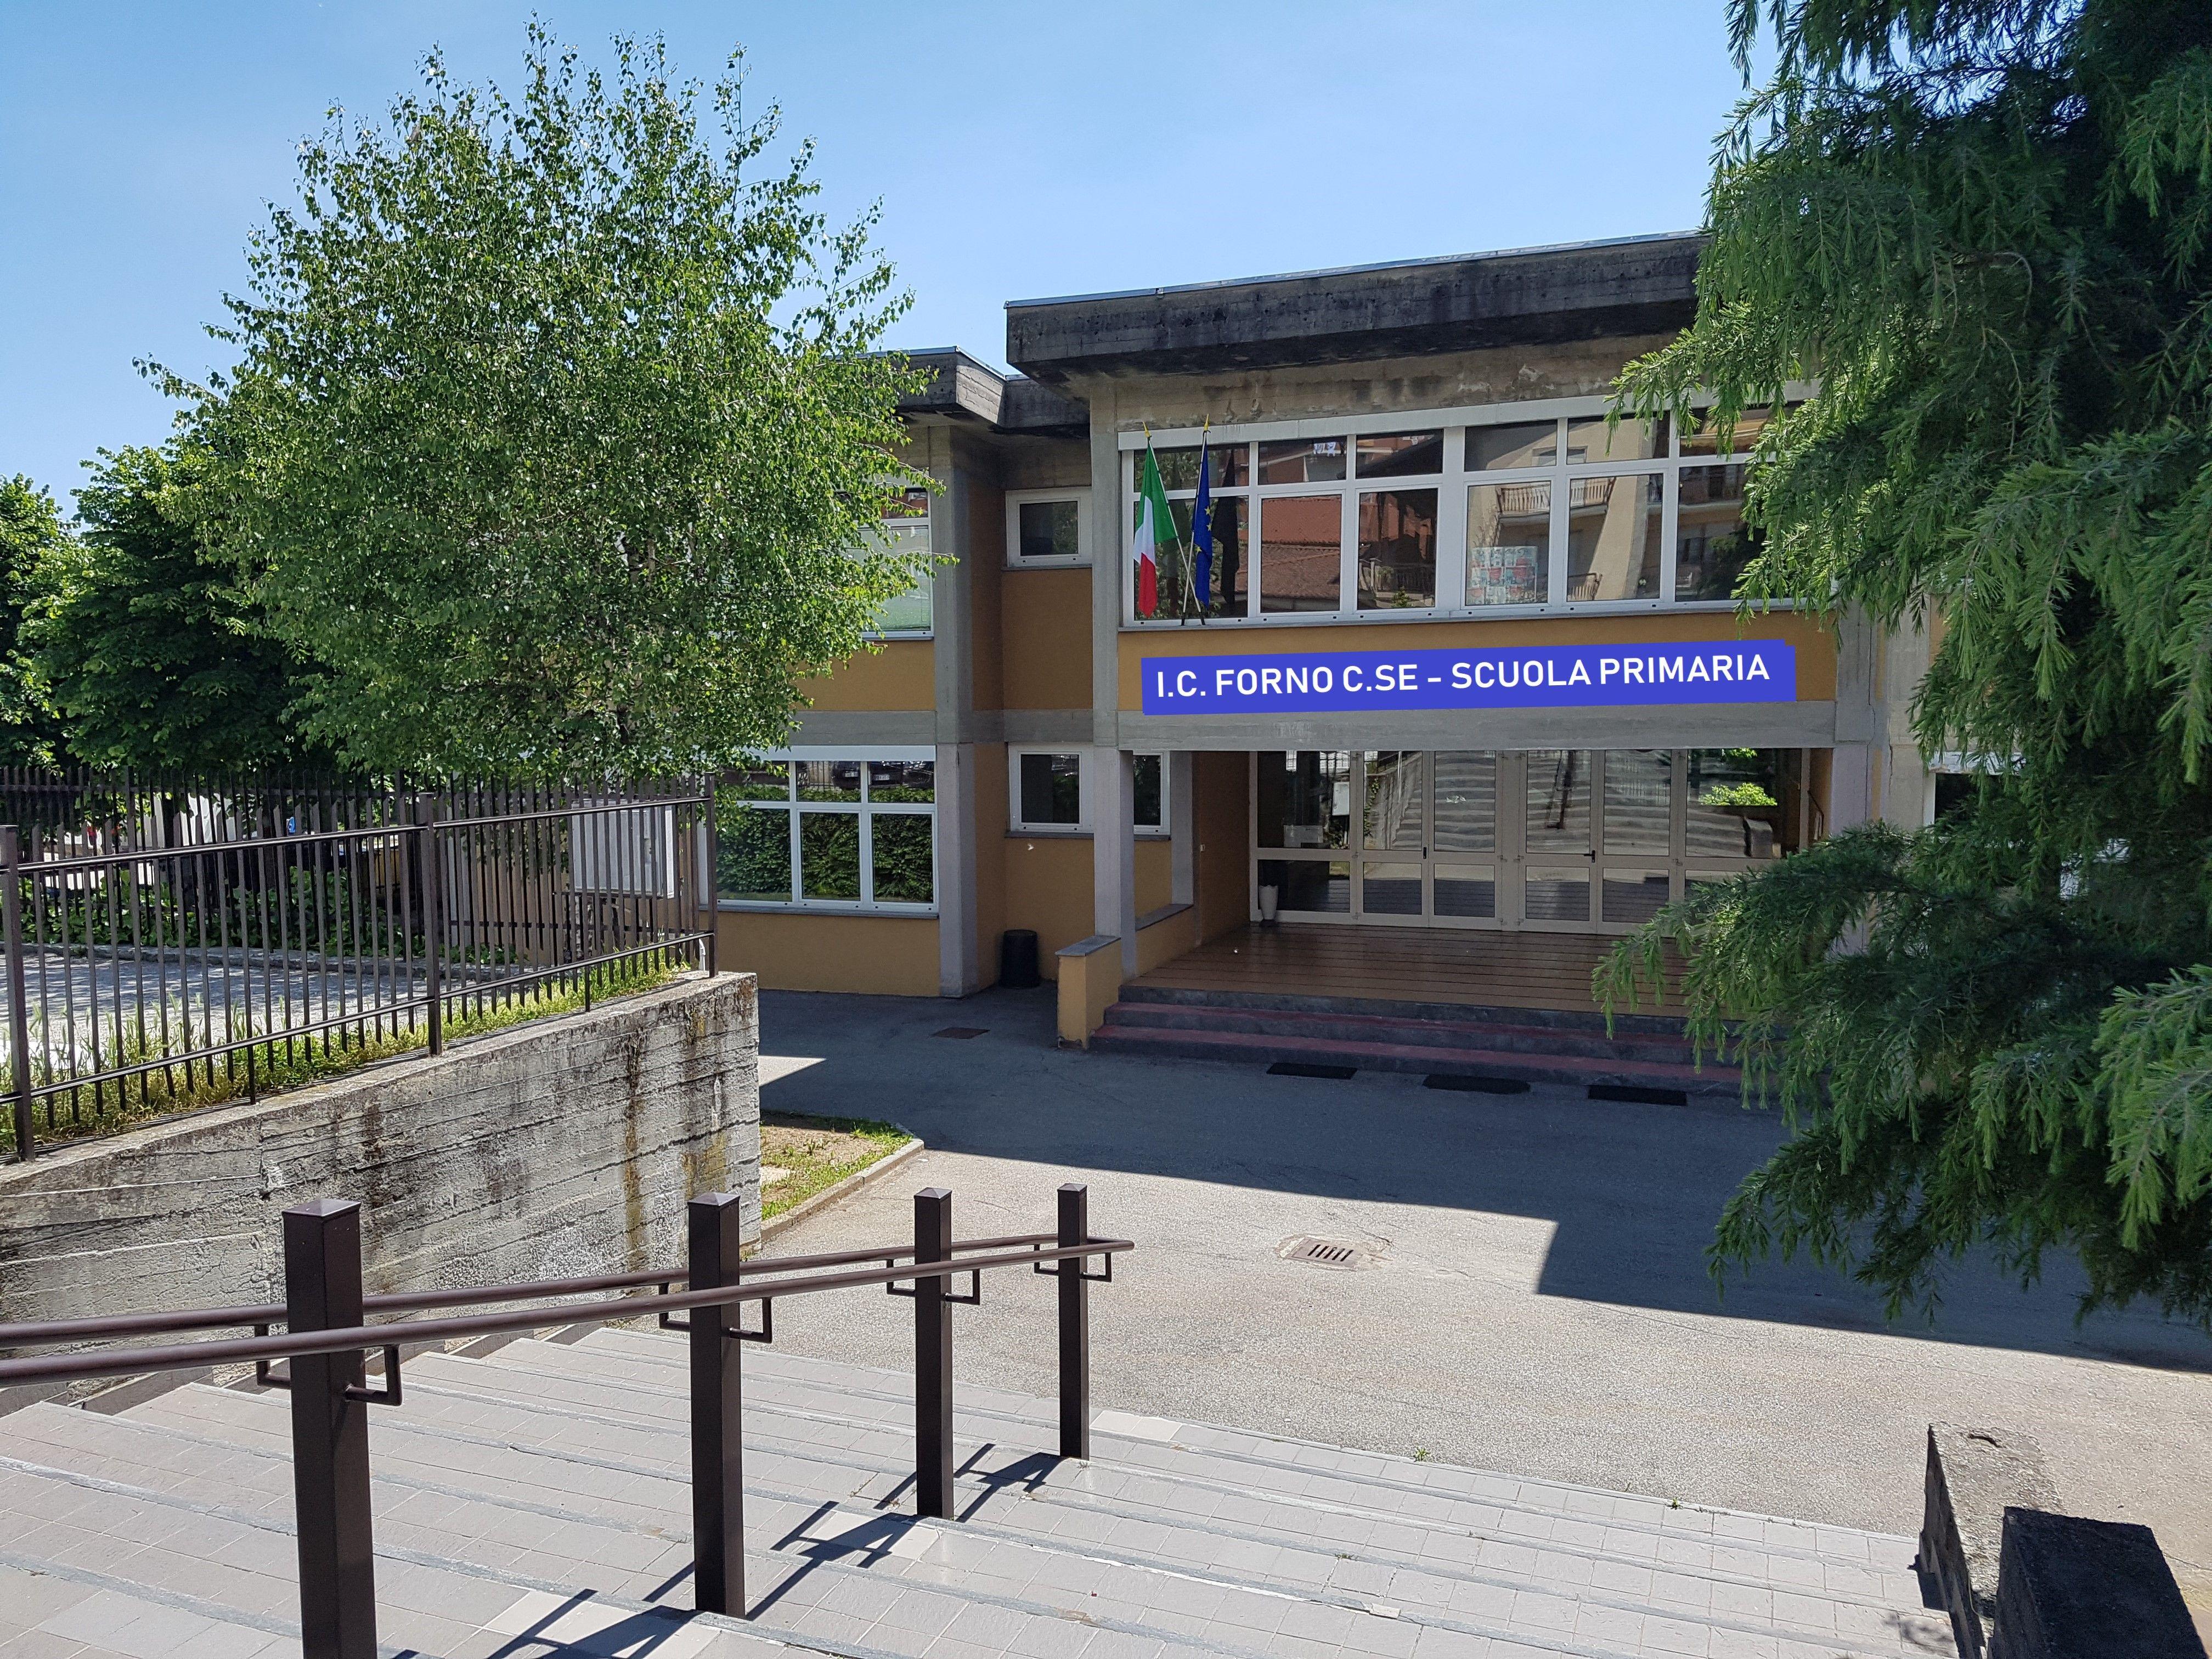 FORNO - Orari scaglionati per l'uscita dalle lezioni, genitori arrabbiati: «Aspettiamo 45 minuti assembrati davanti a scuola»